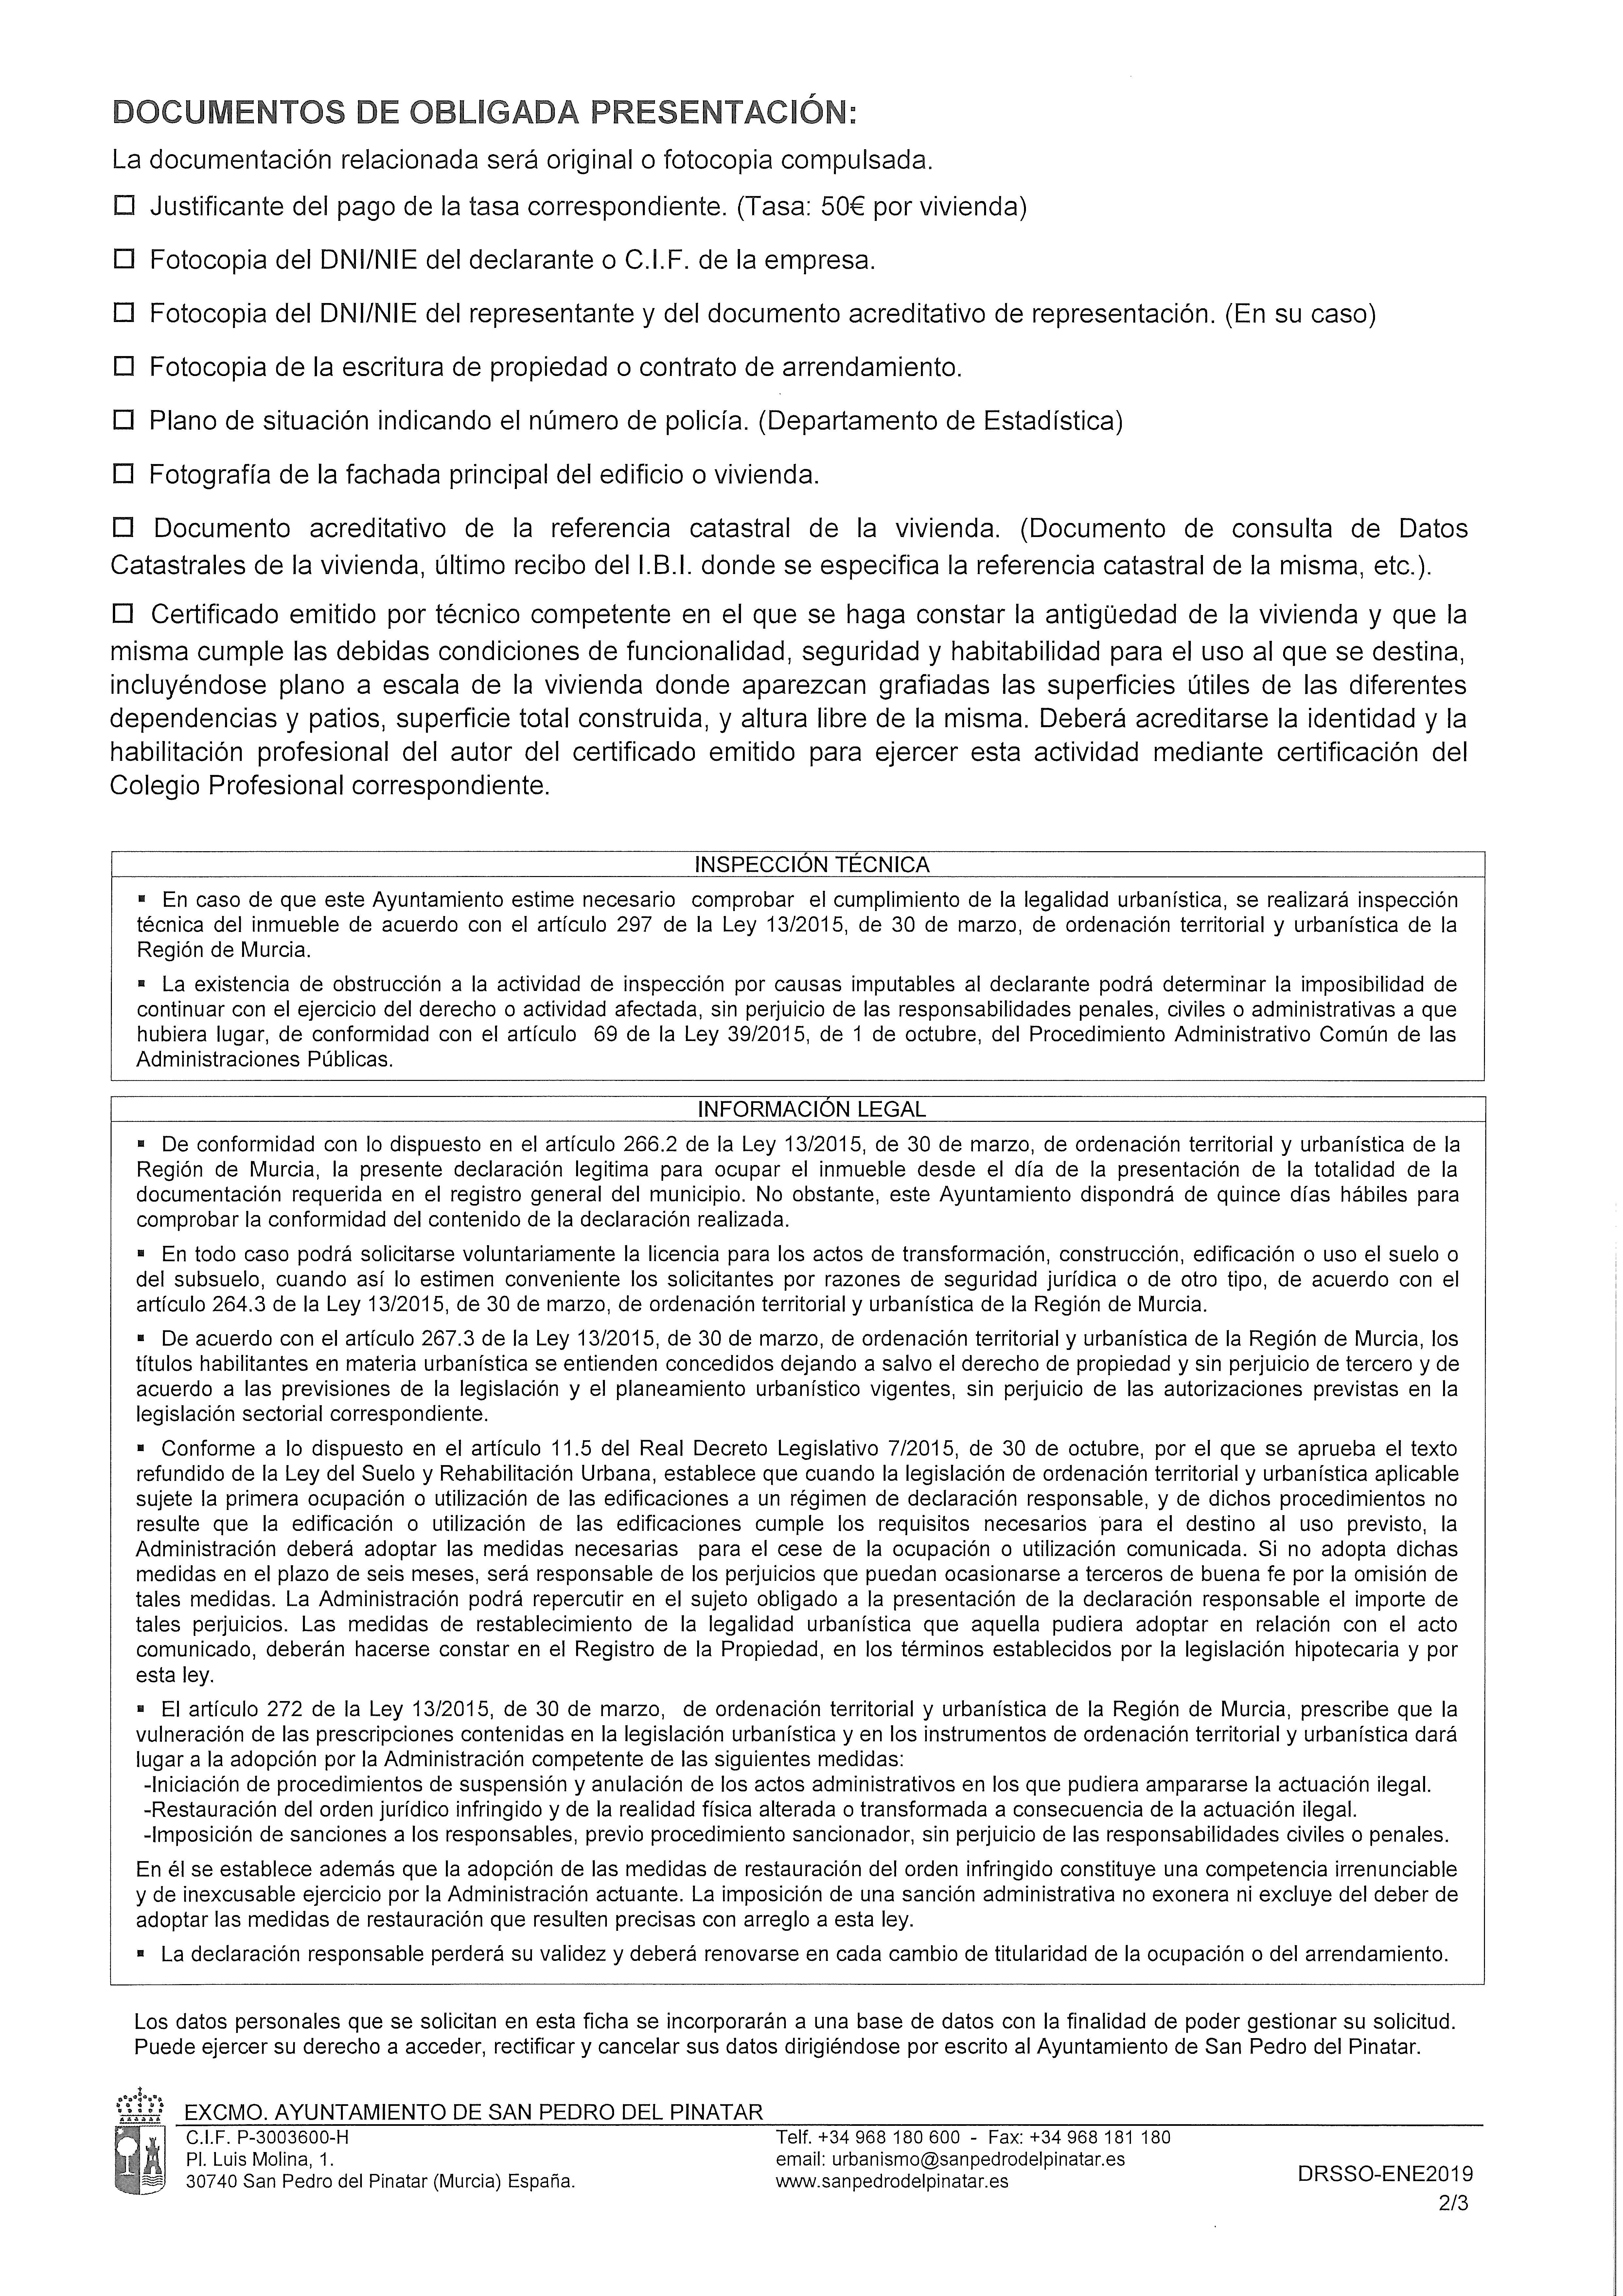 Impreso - Declaración Responsable Segunda Ocupación - San Pedro del Pinatar_Página_2